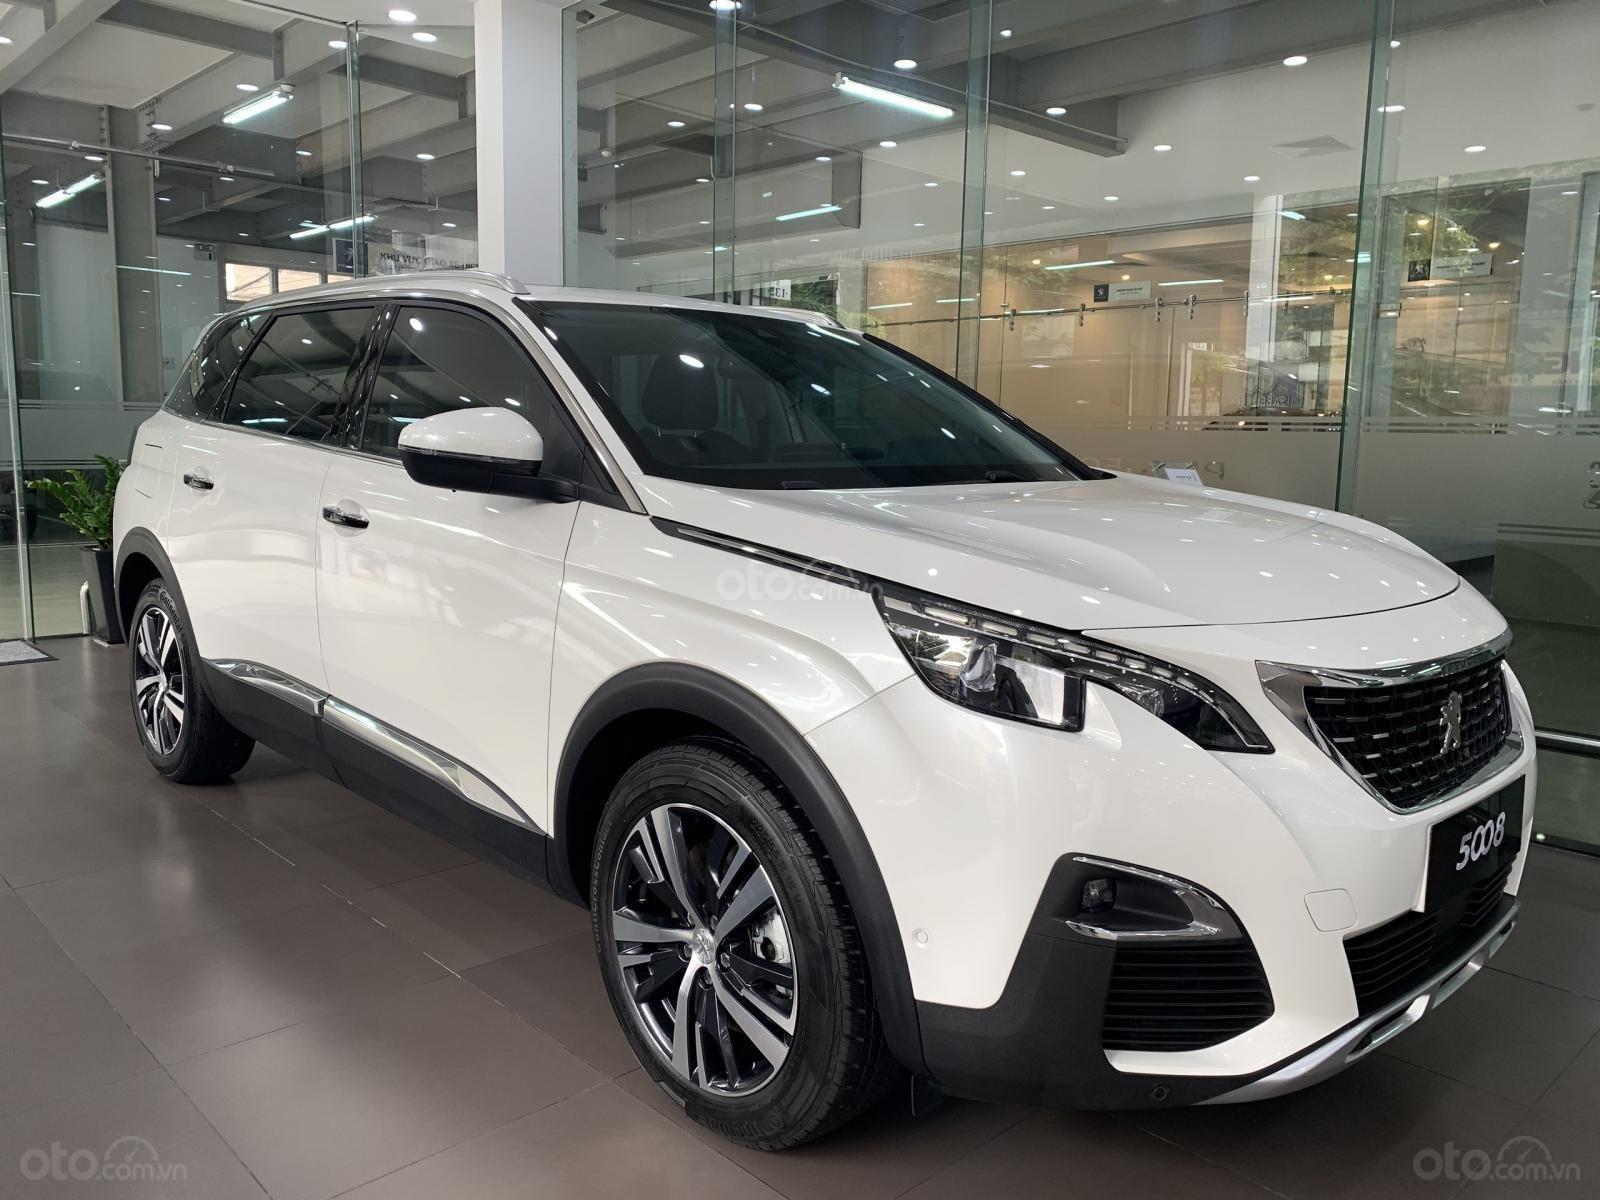 Peugeot Long Biên - 5008 All New 2019 - Khuyến mãi lớn - giao xe ngay (2)